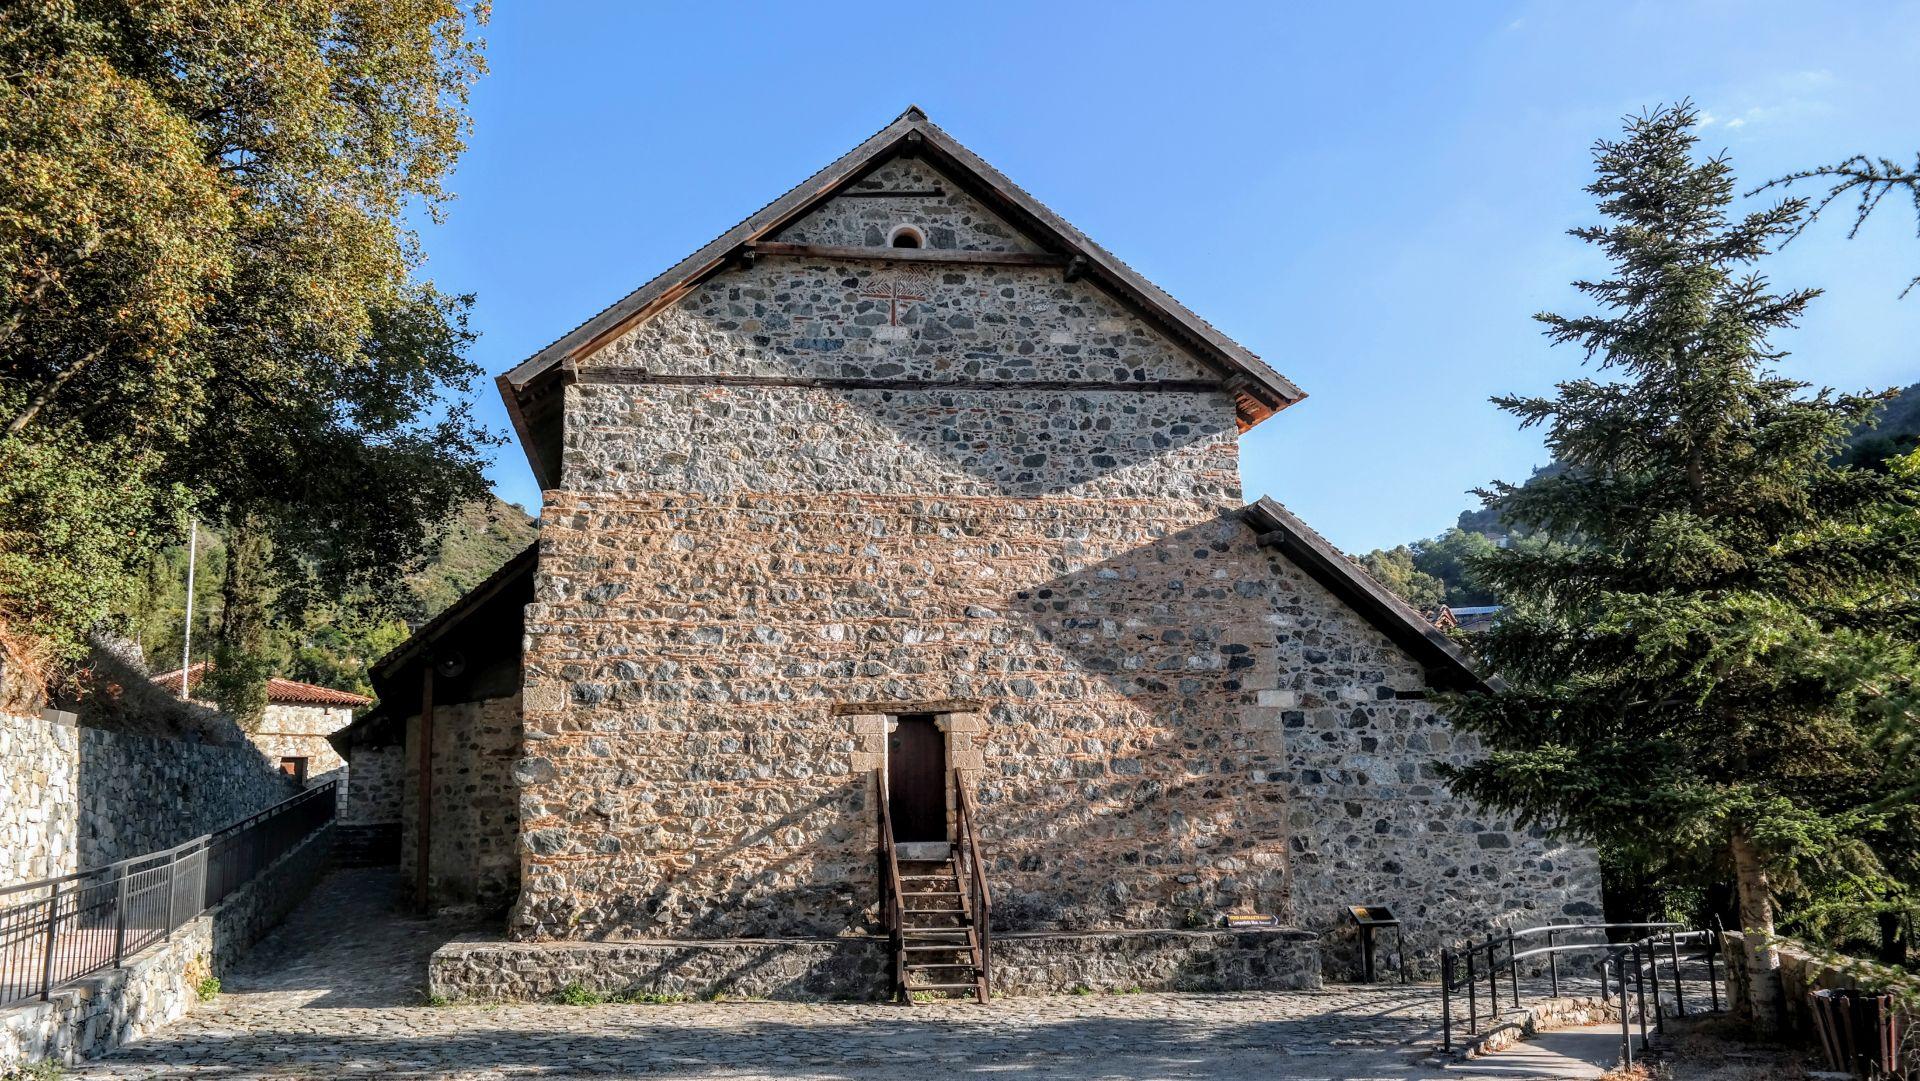 Klasztor Agios Ioannis Lampadistis